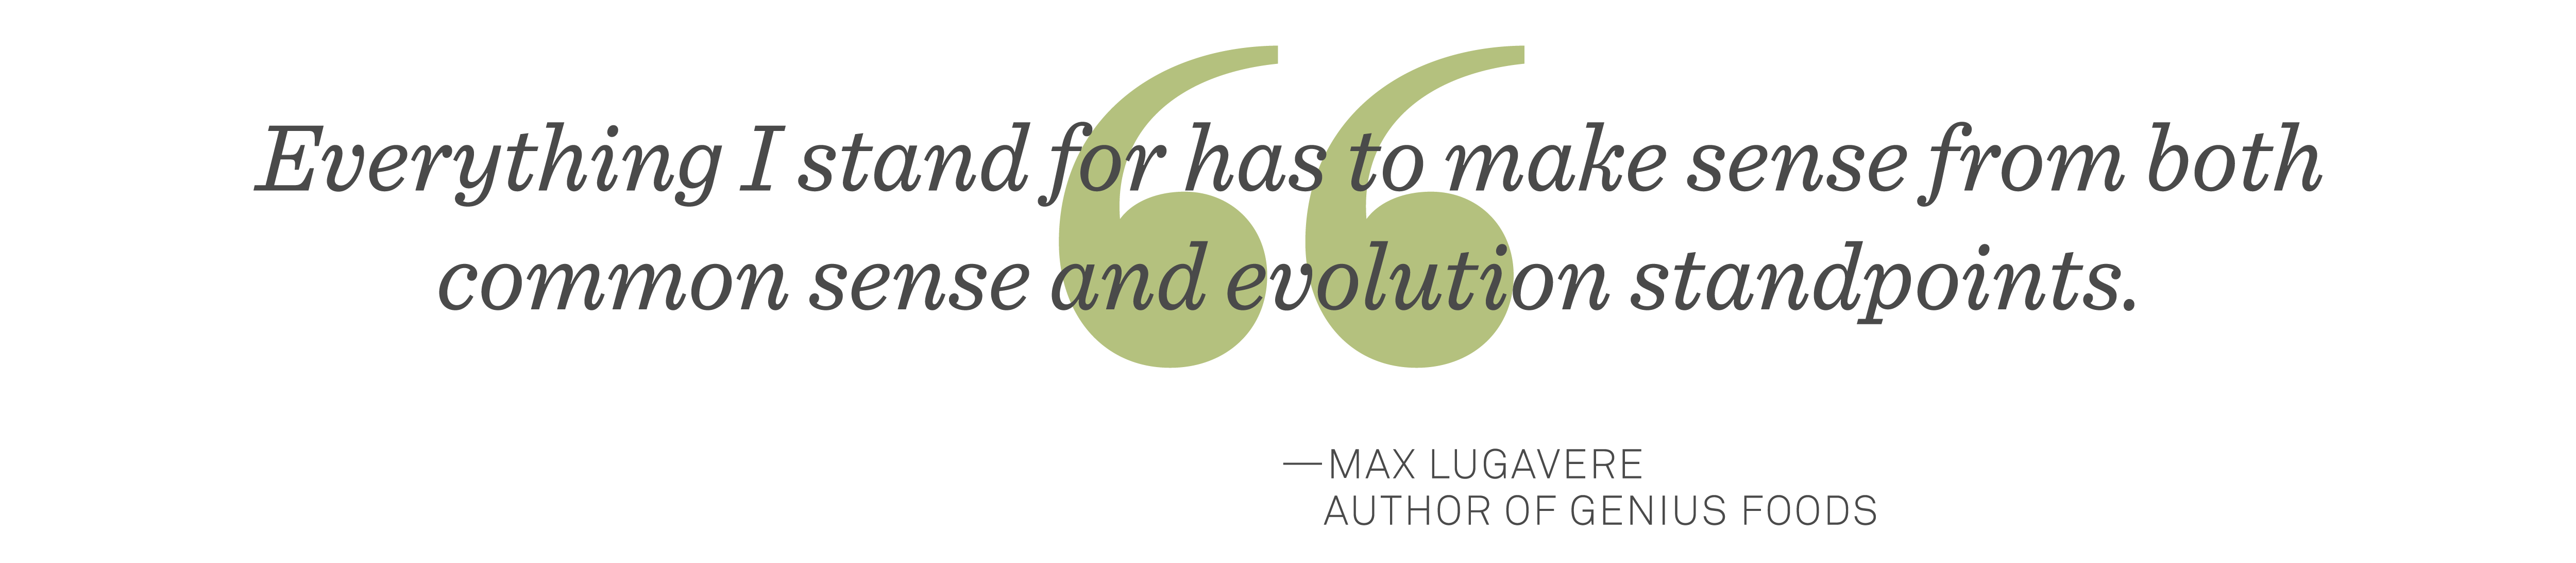 Max Lugavere quote